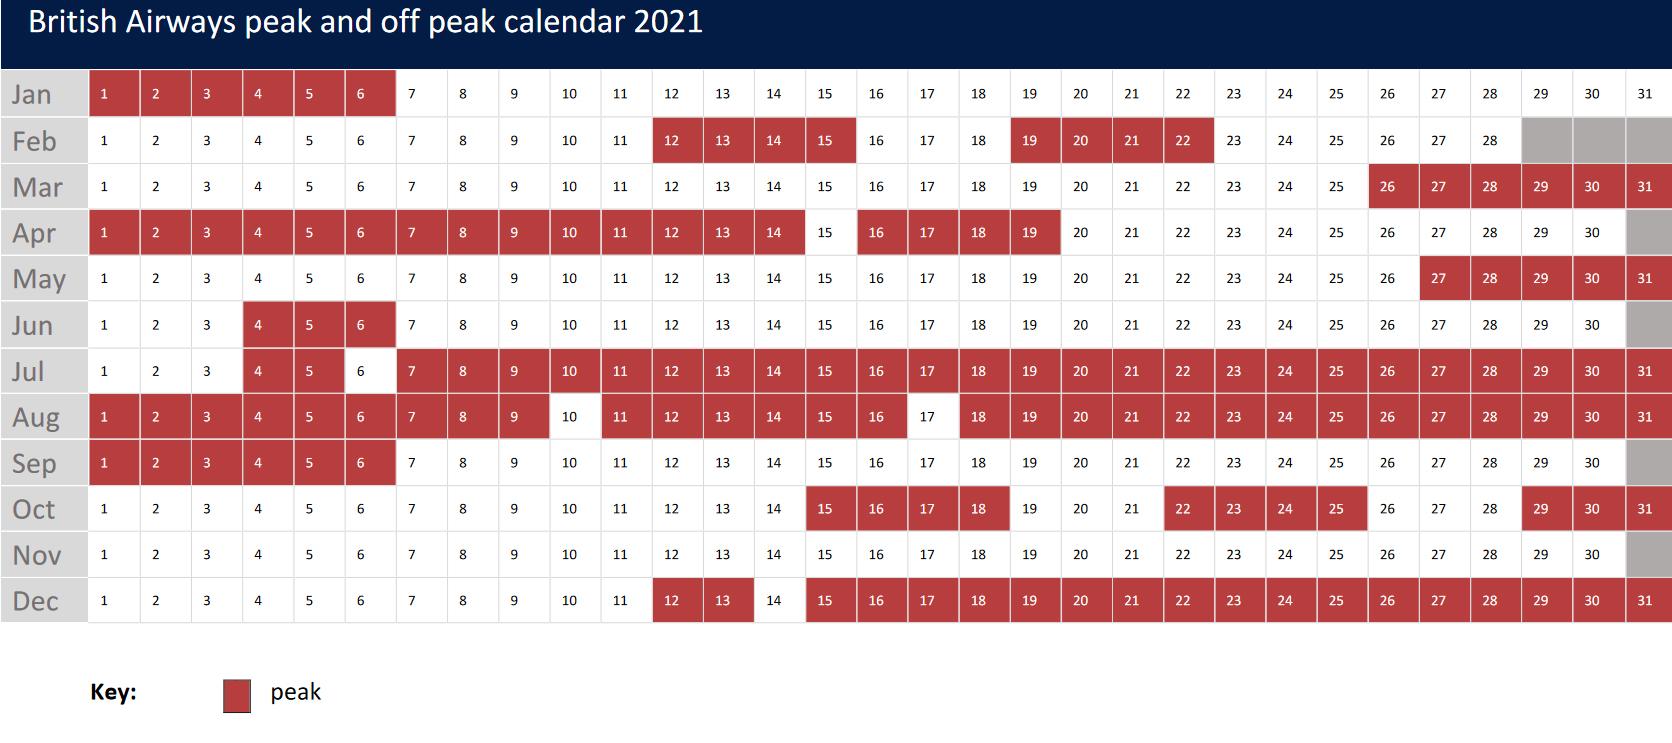 British Airways off peak and peak Avios calendar 2021